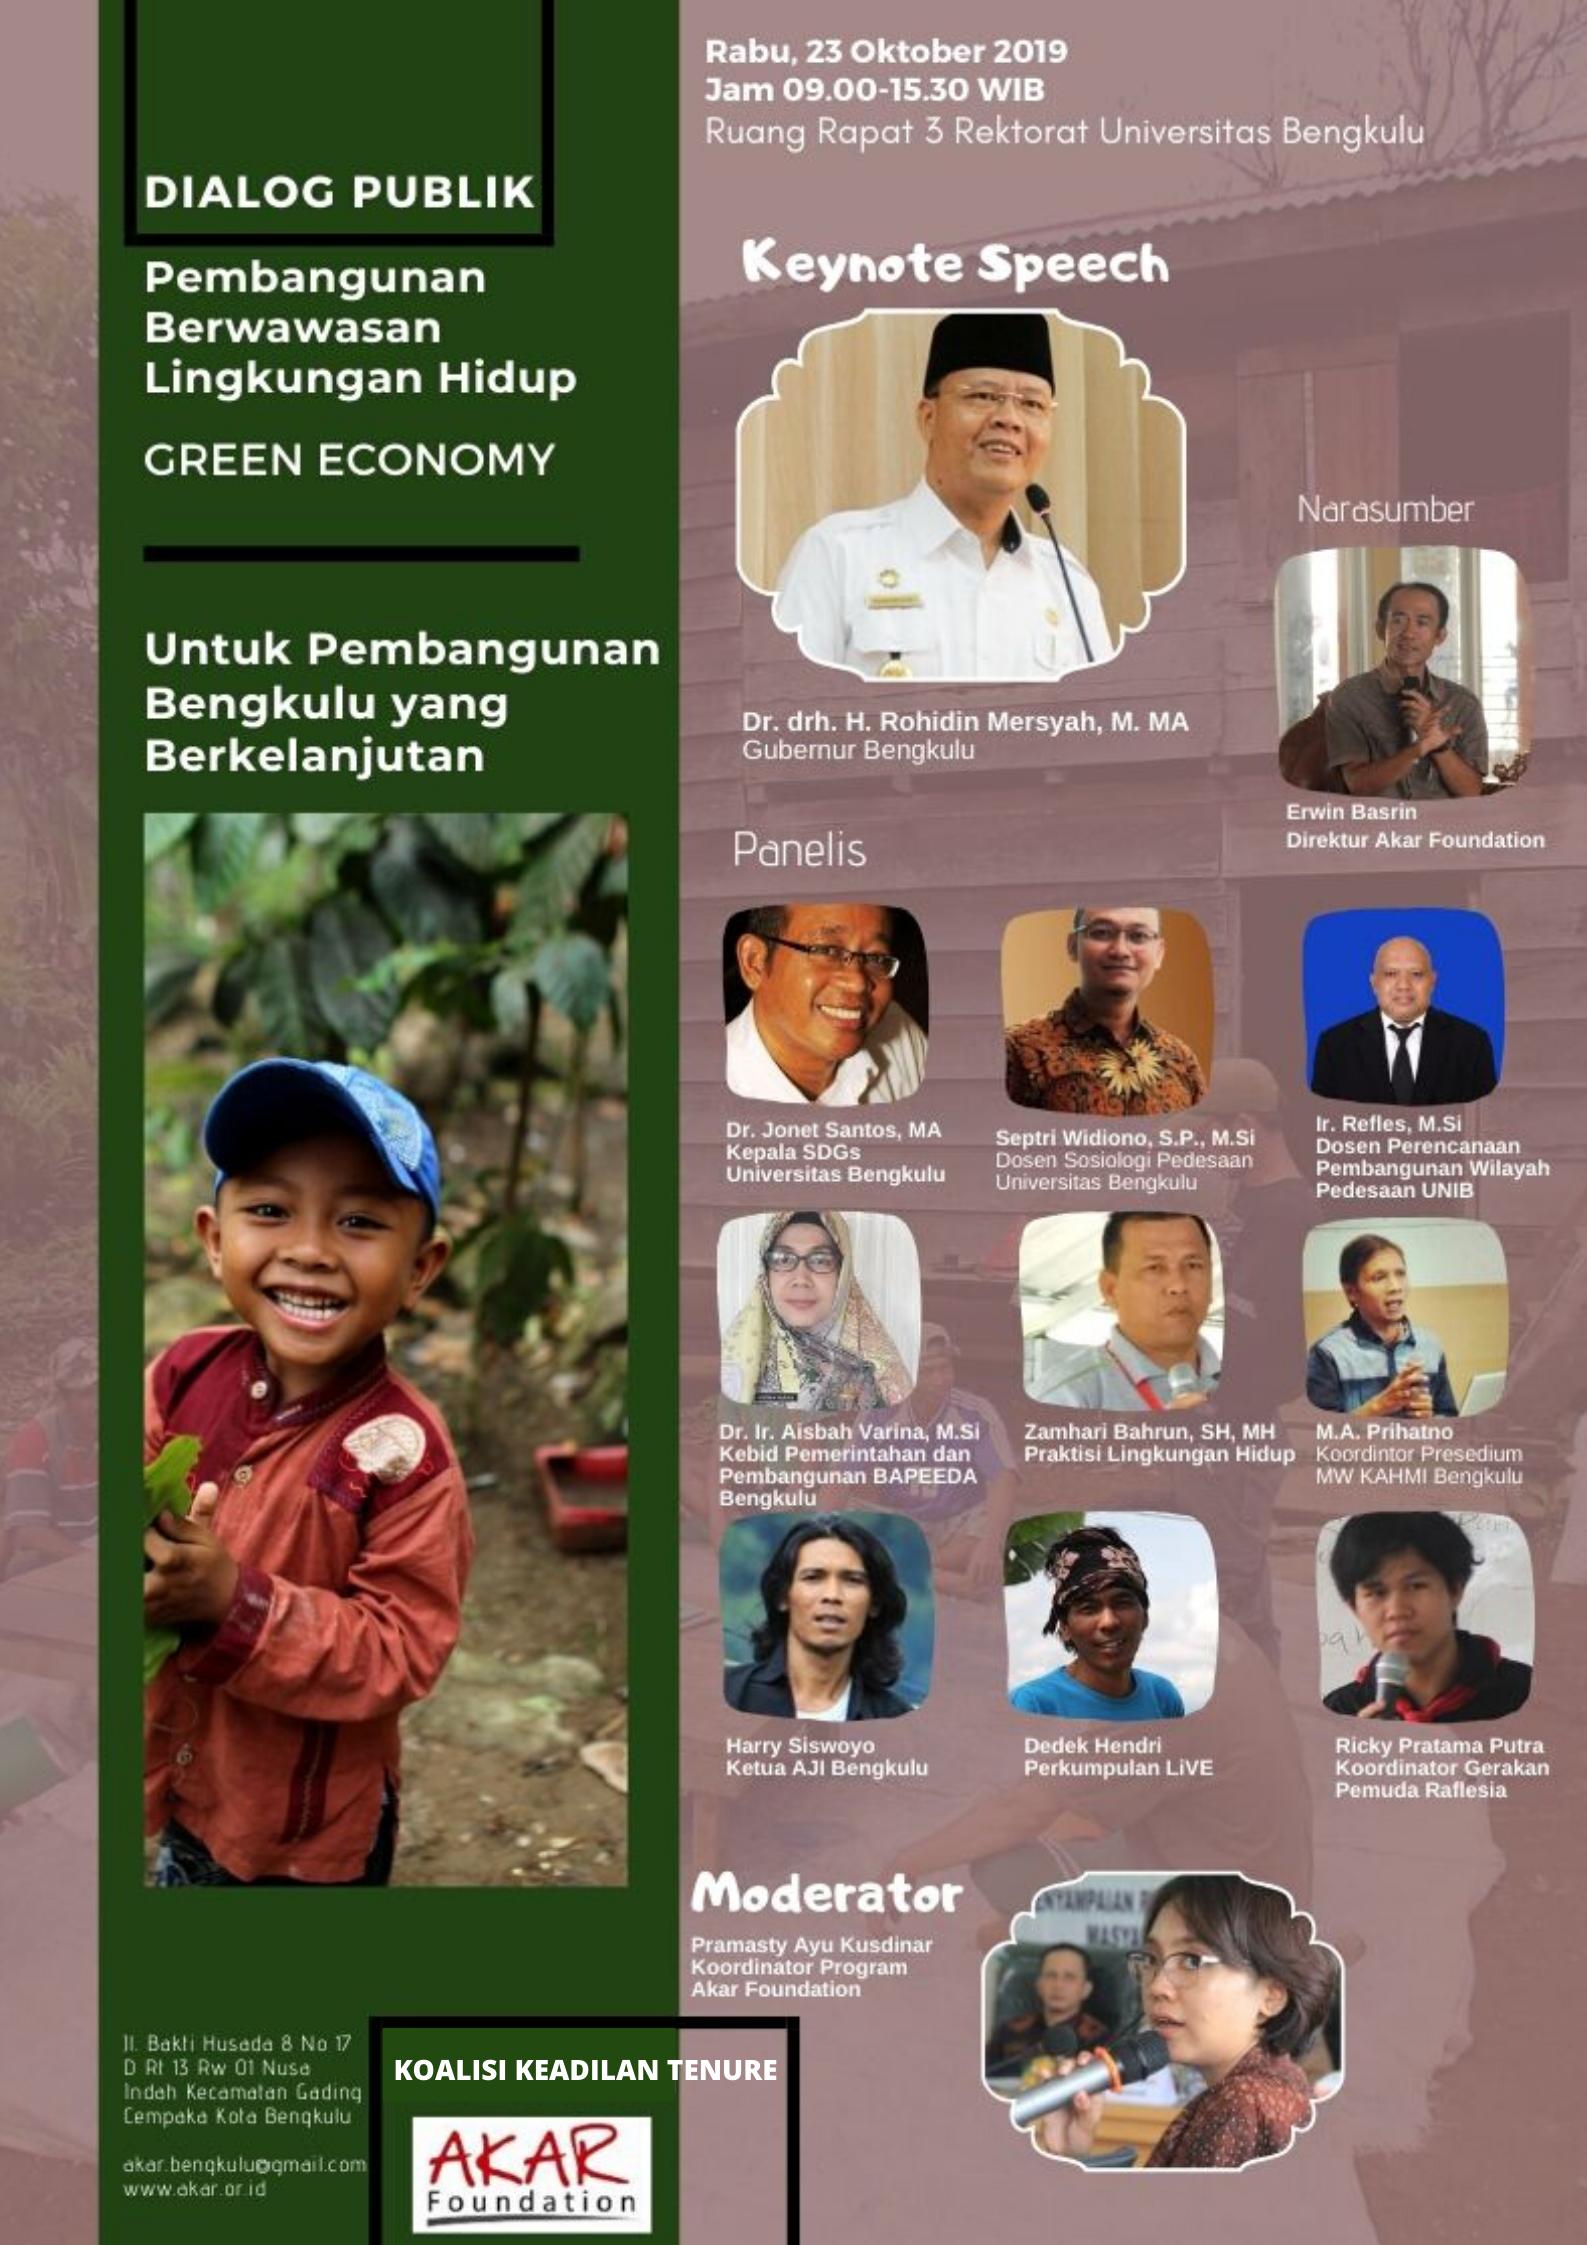 Pembangunan Ekonomi Hijau di Bengkulu